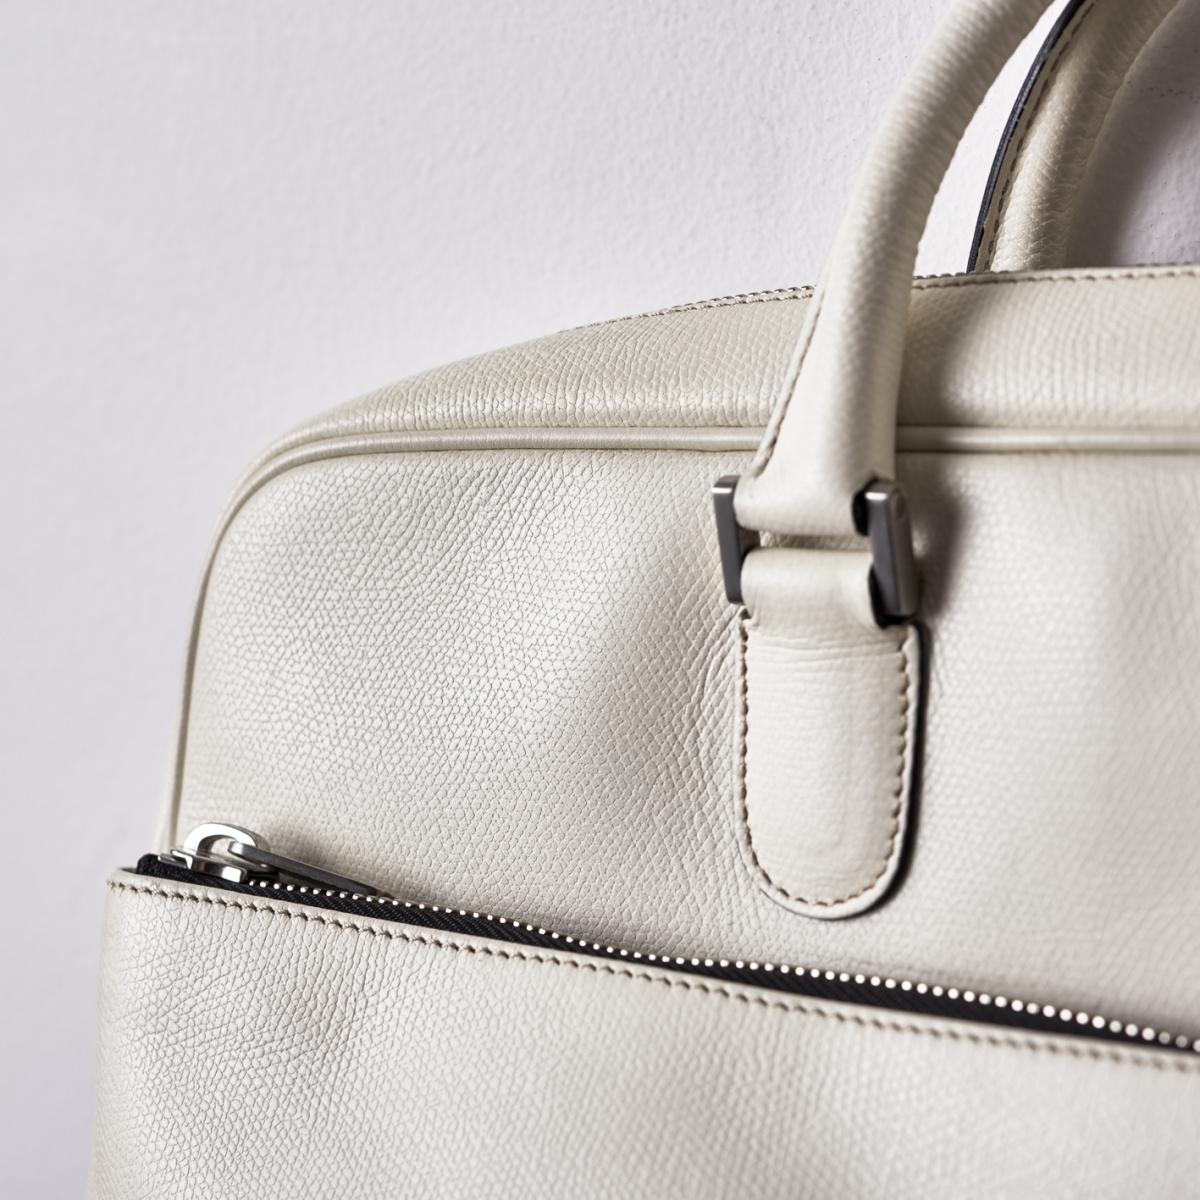 ヴァレクストラ――現代性も備えた、オフホワイトカラーの気品。